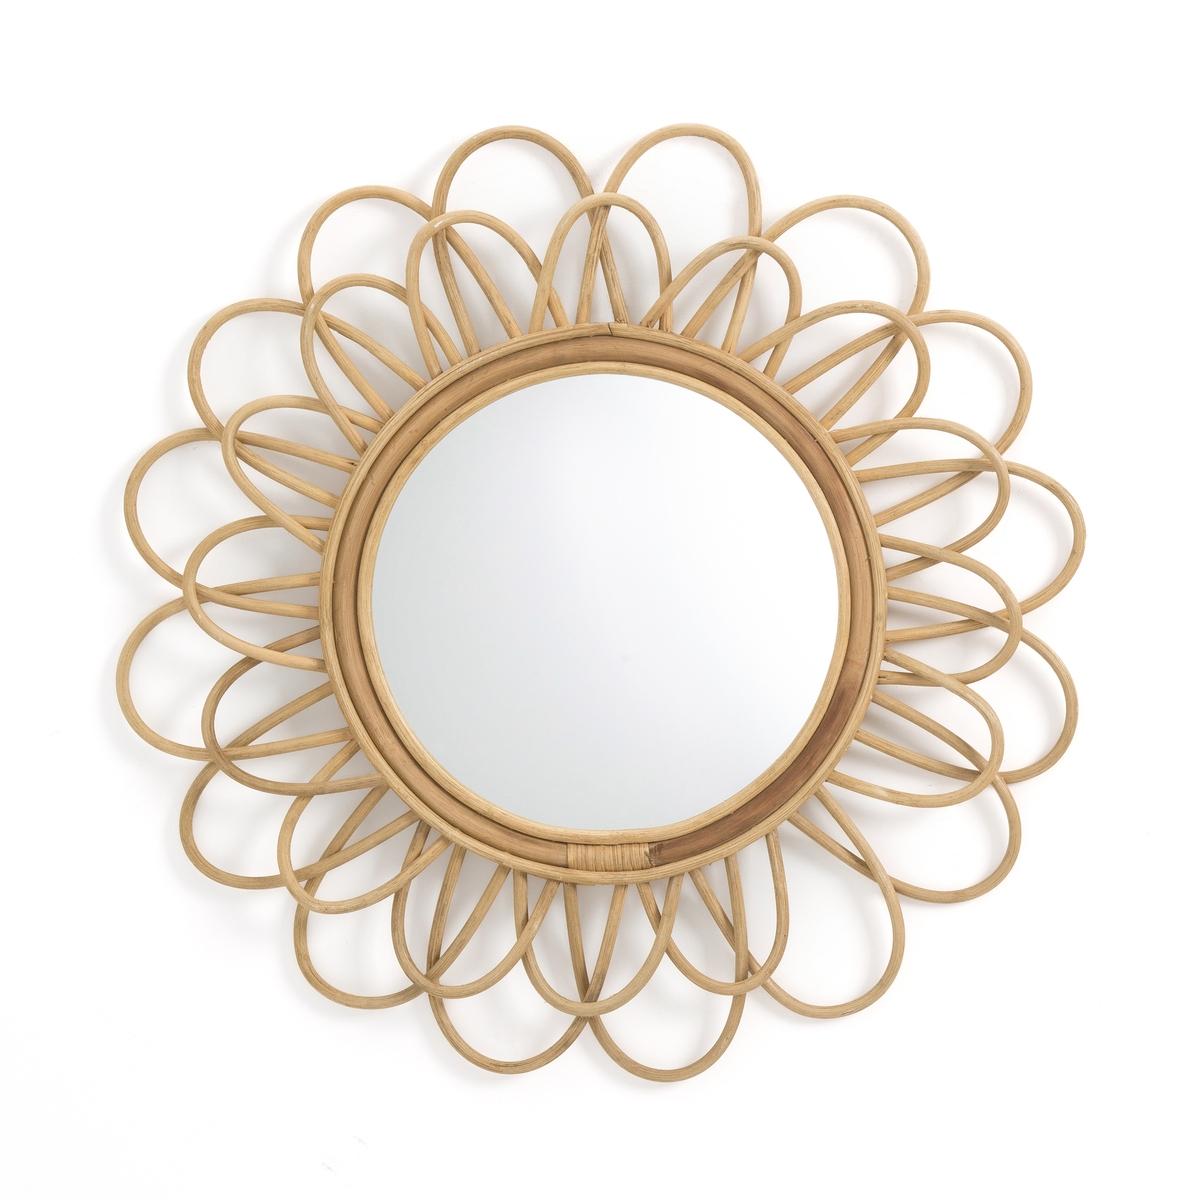 Зеркало La Redoute Из ротанга в форме двойного цветка см Nogu единый размер бежевый зеркало la redoute квадратное из ротанга ш x в см tarsile единый размер бежевый